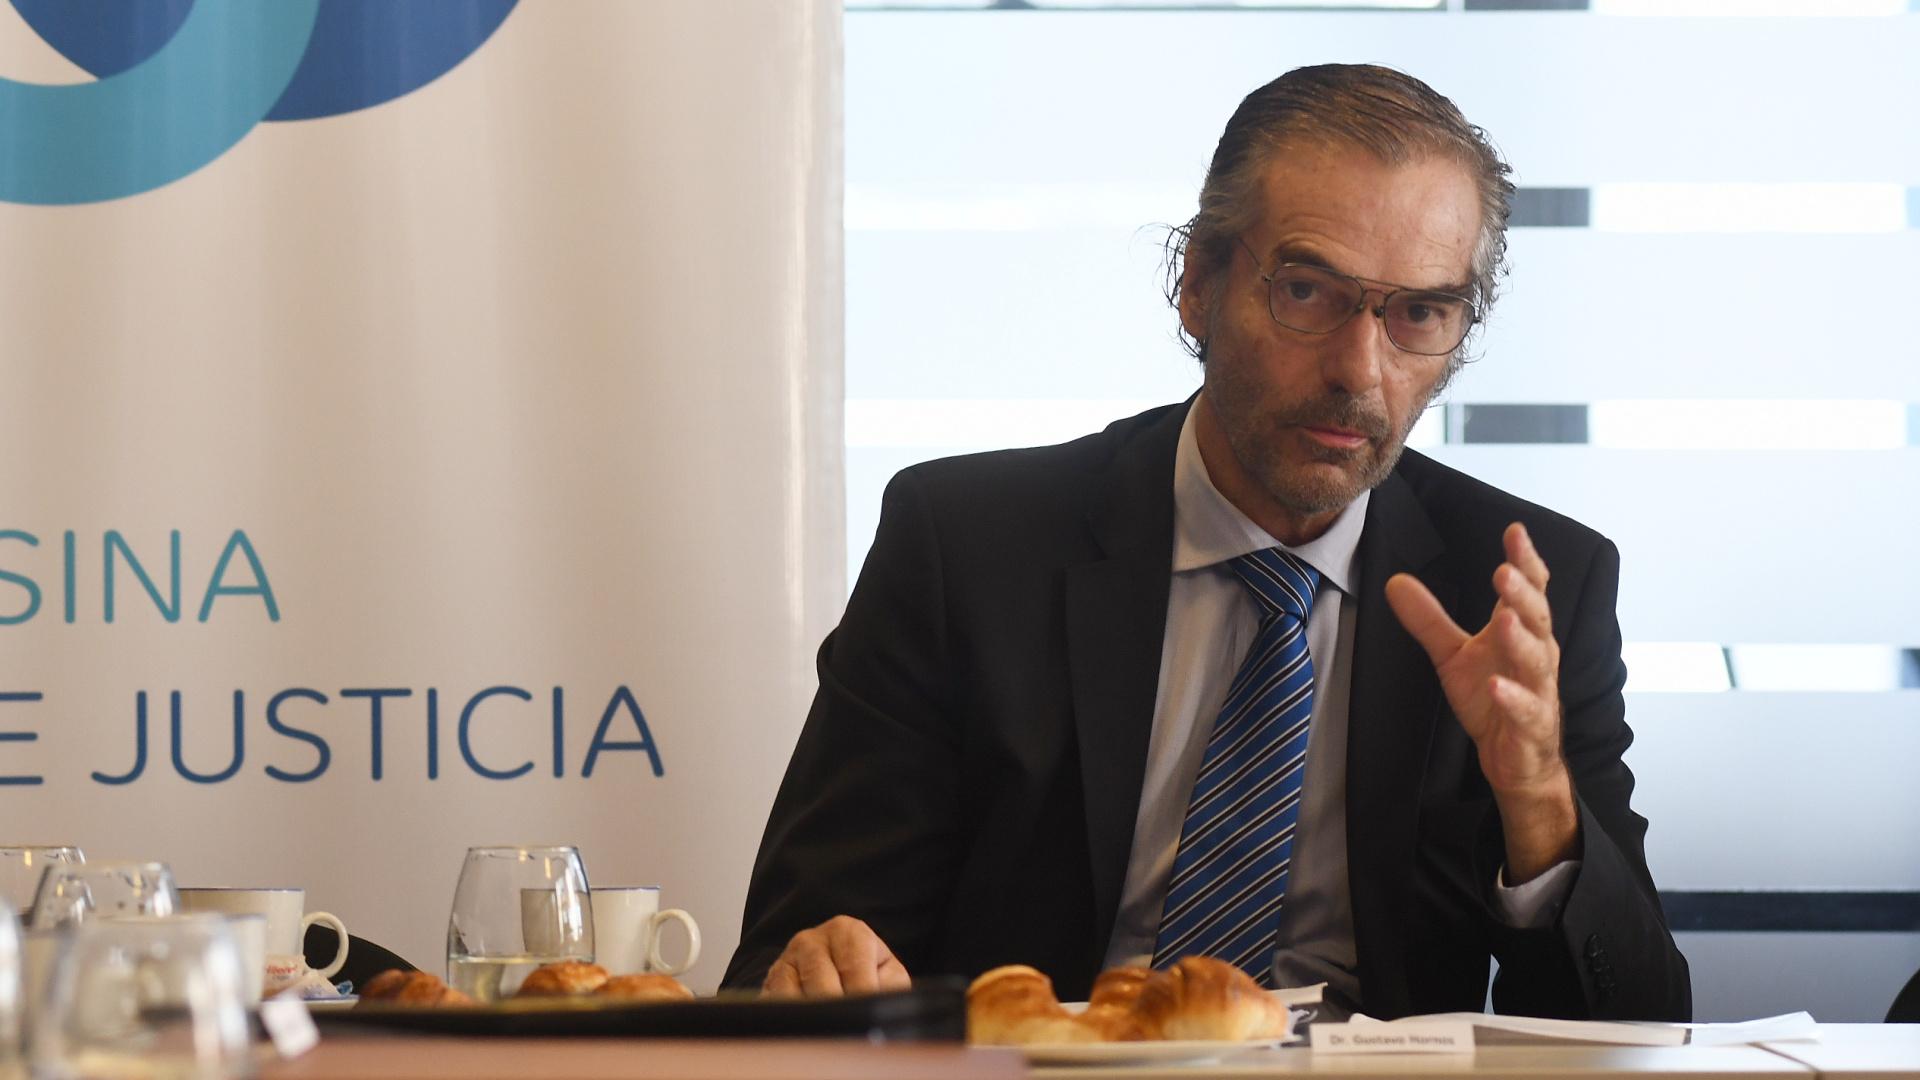 """El juez Gustavo Hornos: """"Los grandes reclamos de la sociedad no pueden ser  desoídos por la Justicia"""" - Infobae"""